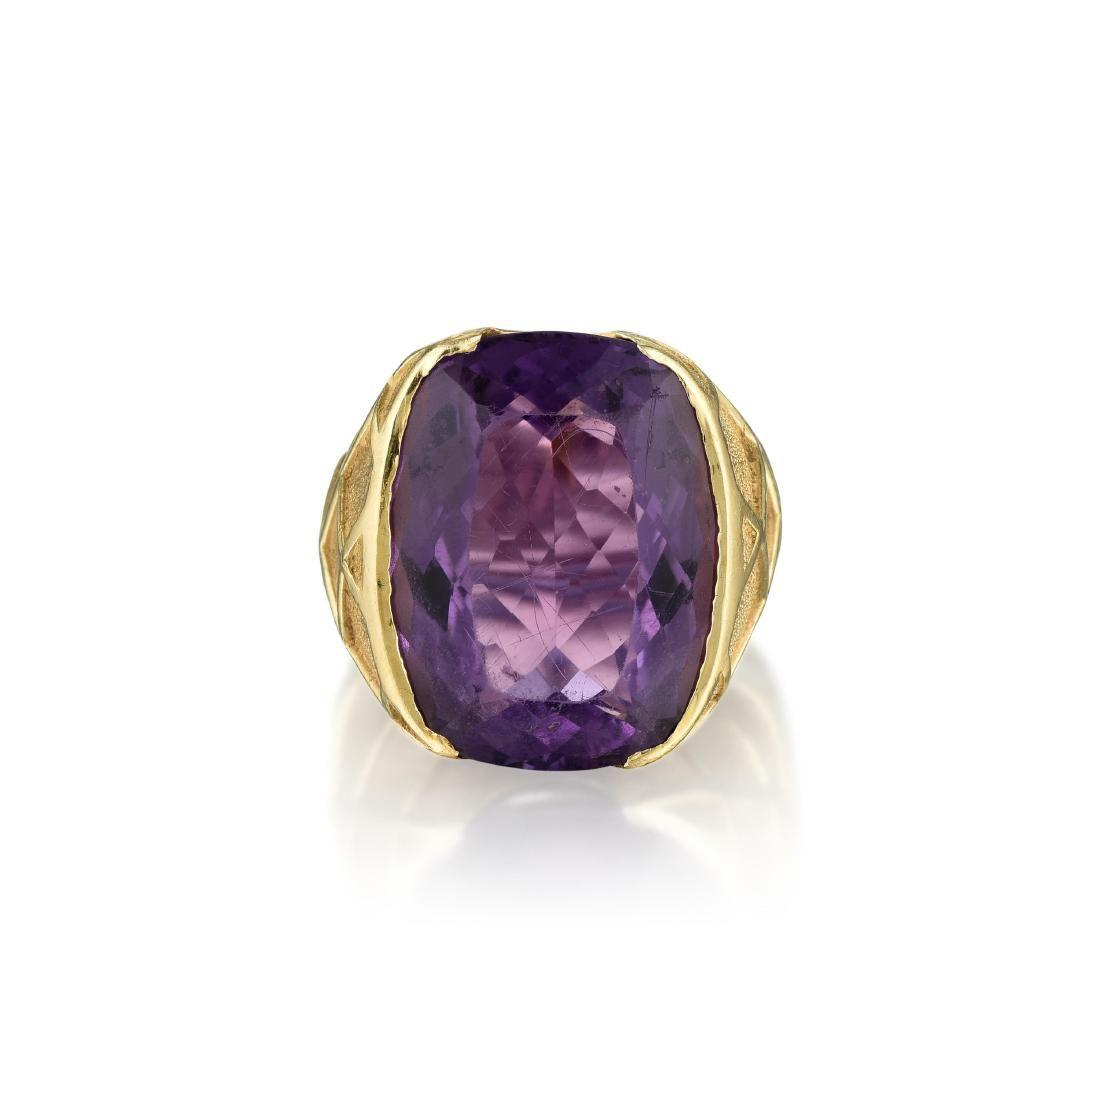 A 14K Gold Amethyst Ring